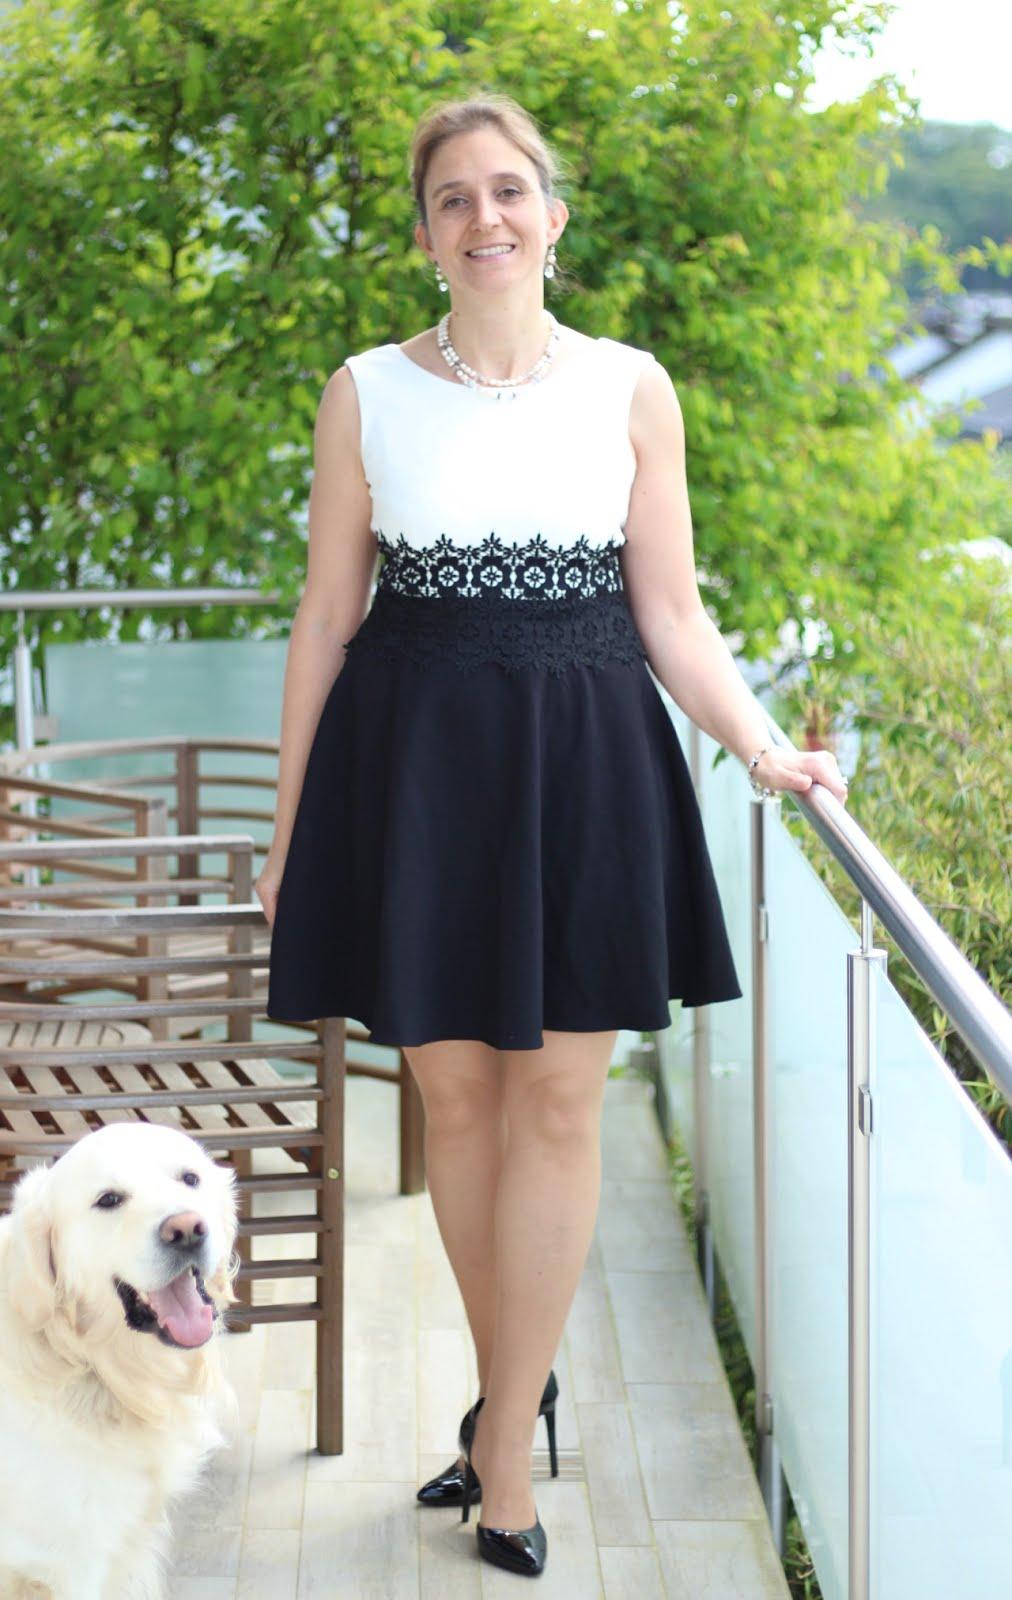 Zauberhaft für die Zauberflöte - schwarz-weißes Cocktailkleid für einen Abend in der Oper: Fashion Friday again!